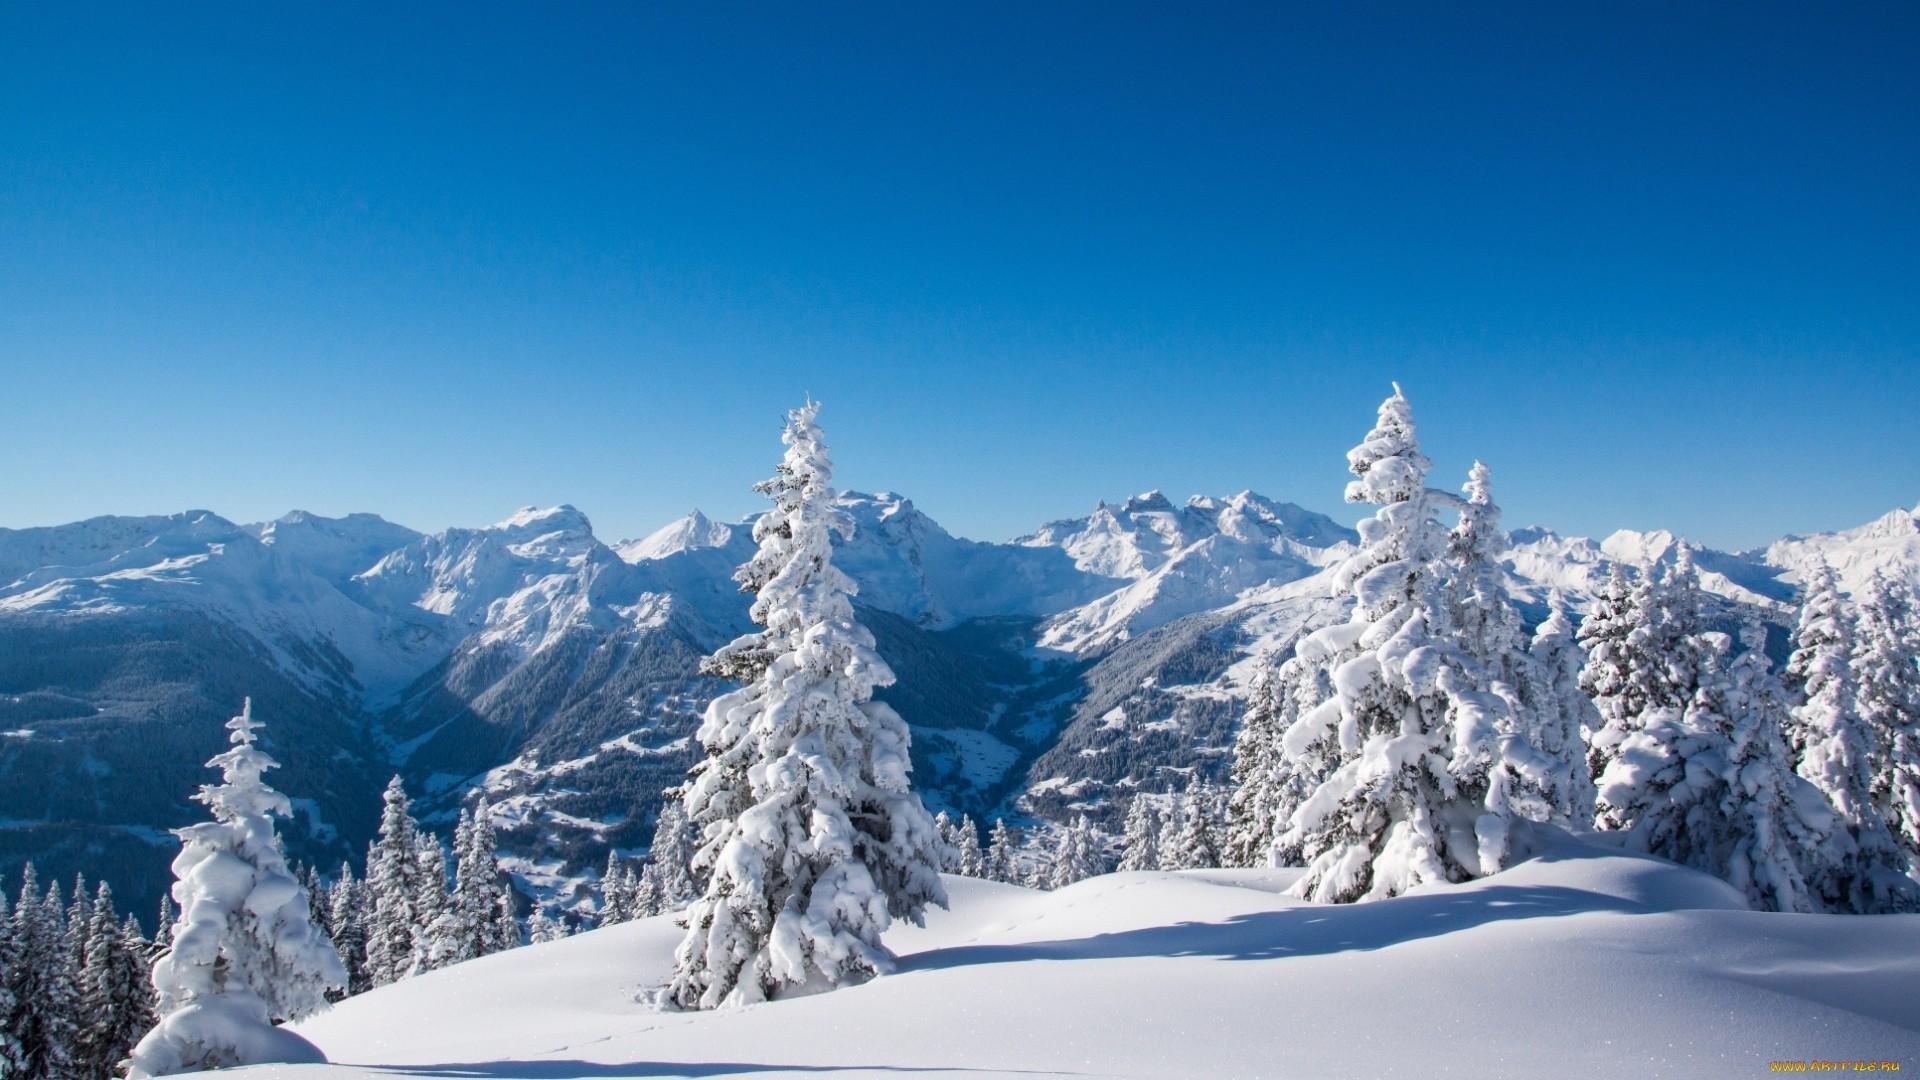 Snowy Wallpaper image hd